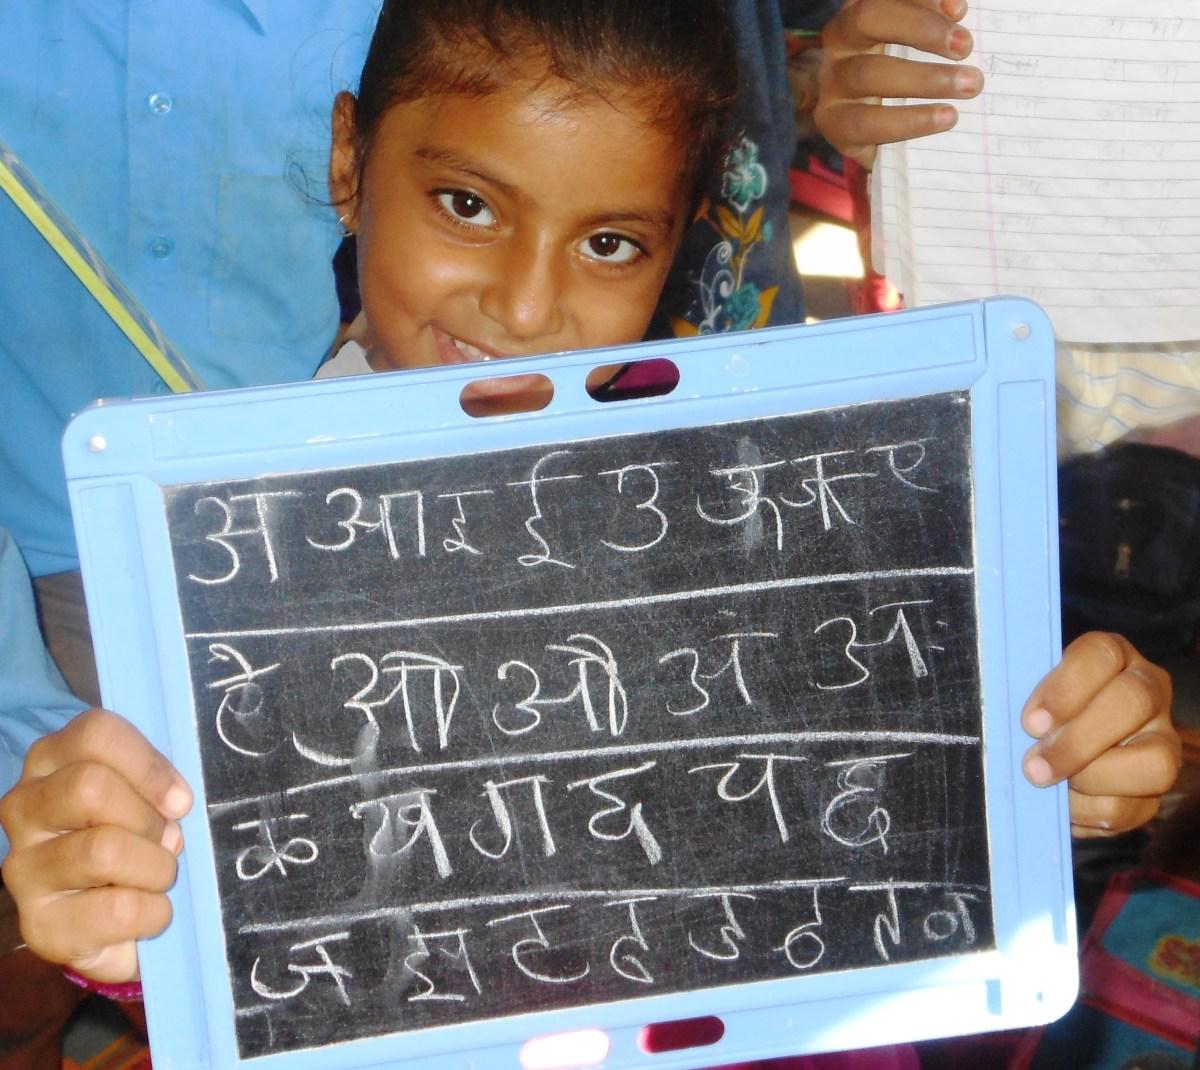 प्राथमिक स्तर पर भाषा शिक्षण कैसे हो?